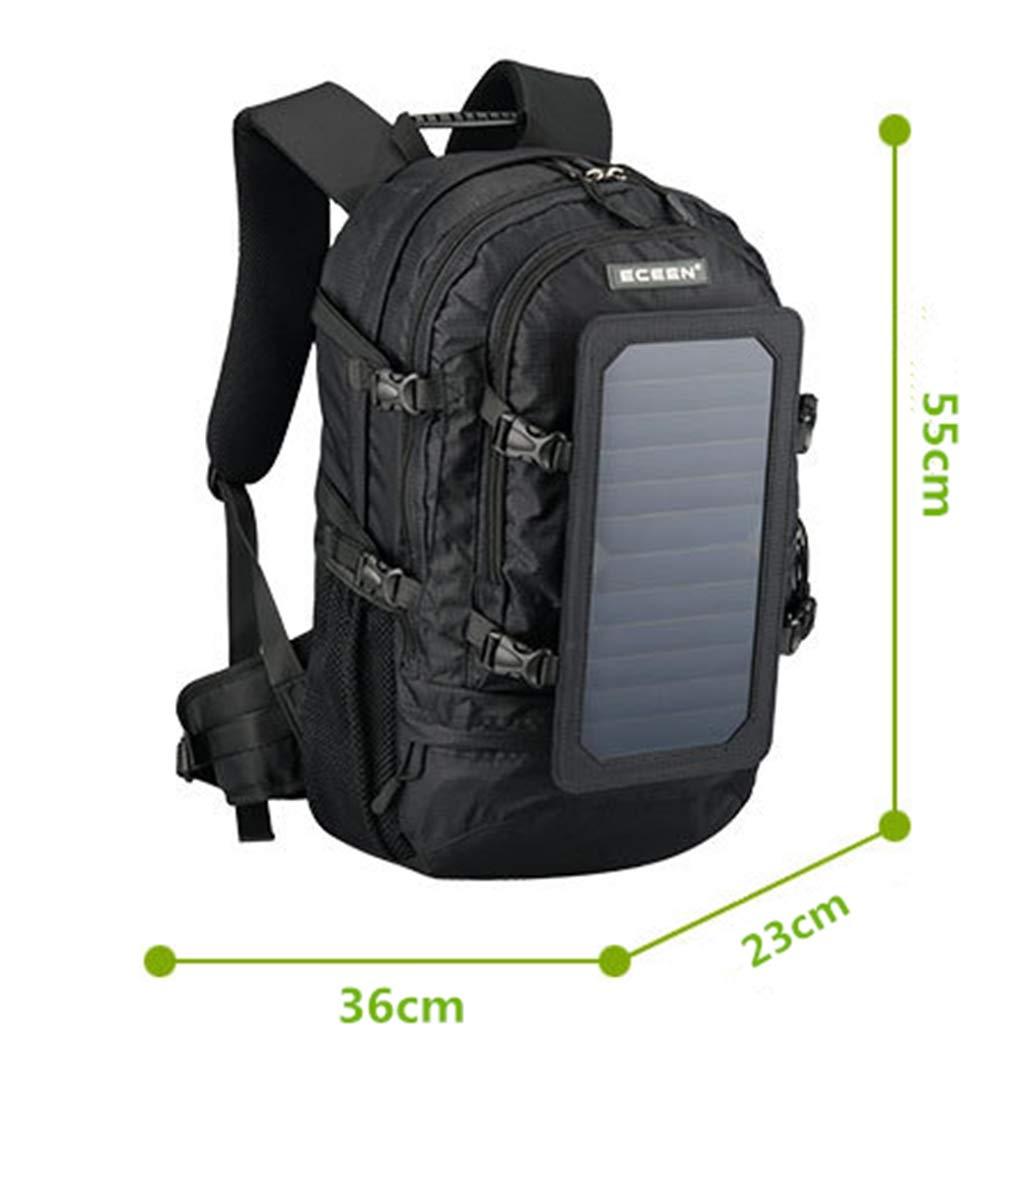 Leeec Mochila Solar con USB Desmontable de Carga rápida del Panel Solar portátil Mochila Viaje Senderismo Senderismo Mochila Impermeable para iPad Smartphone,Black: Amazon.es: Hogar